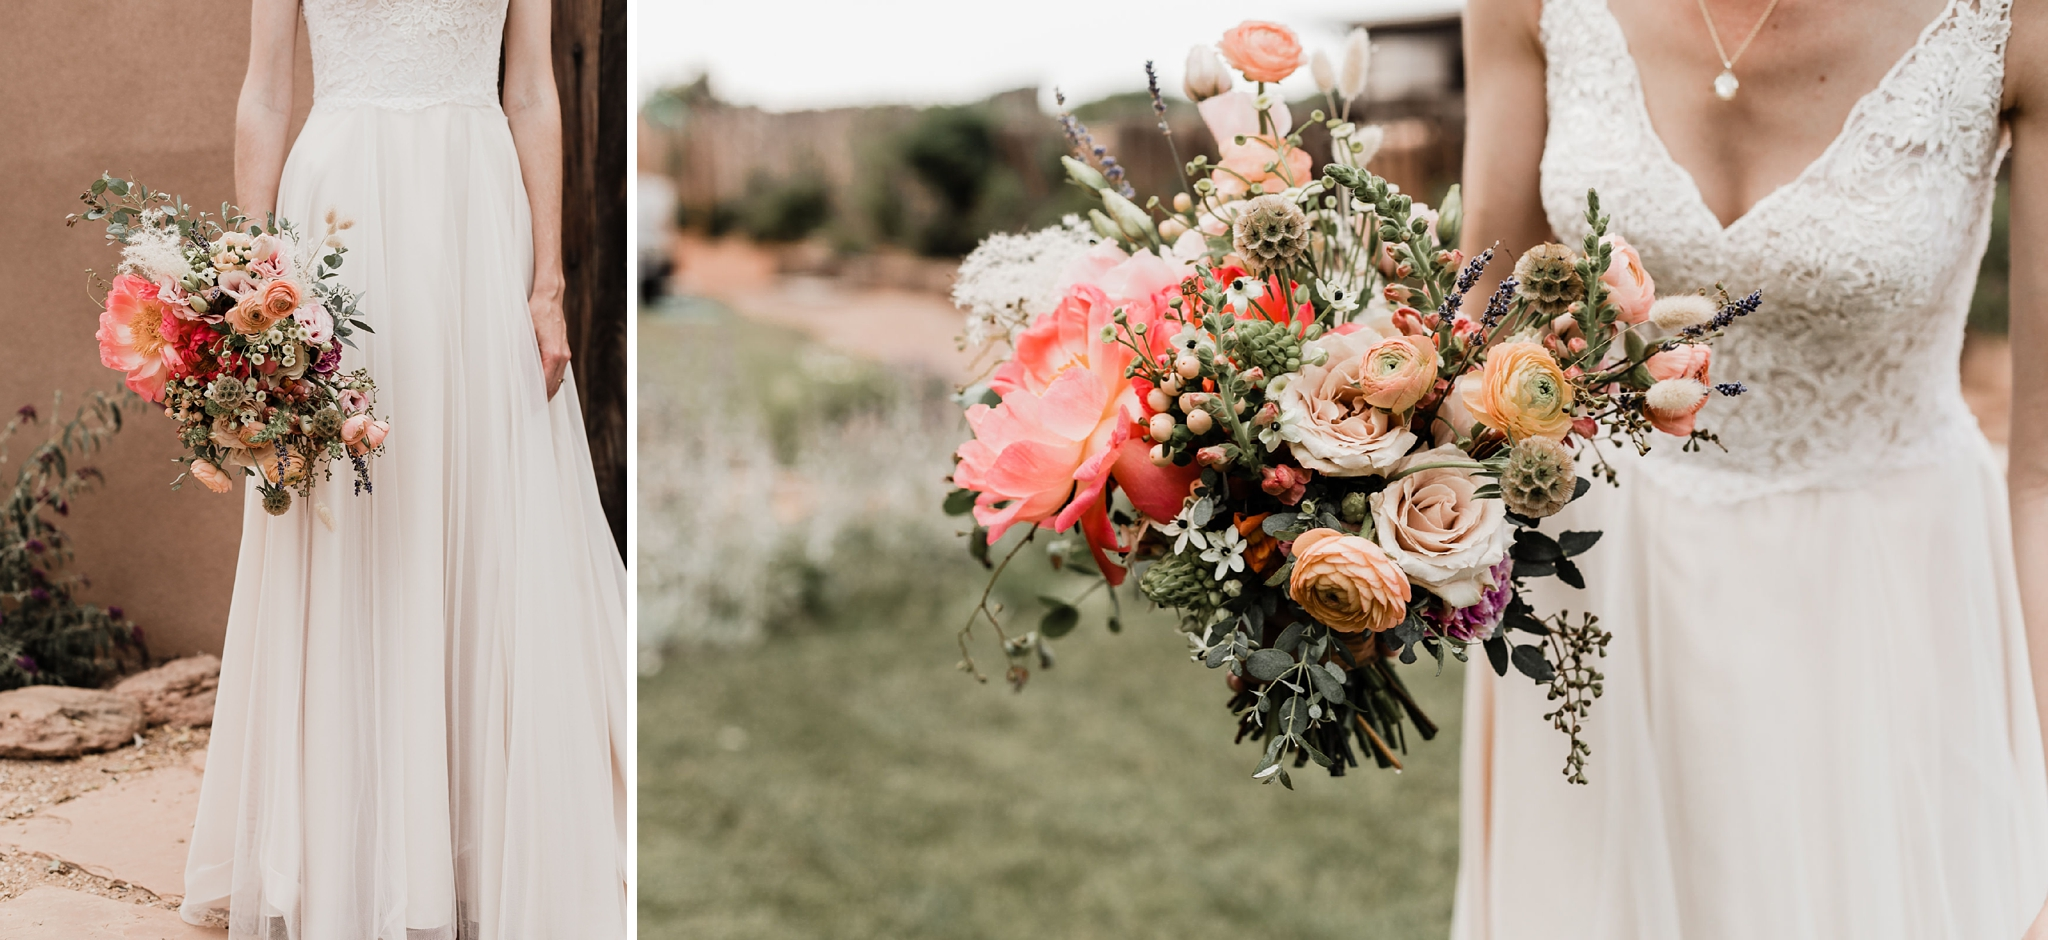 Alicia+lucia+photography+-+albuquerque+wedding+photographer+-+santa+fe+wedding+photography+-+new+mexico+wedding+photographer+-+new+mexico+wedding+-+summer+wedding+-+summer+wedding+florals+-+southwest+wedding_0095.jpg